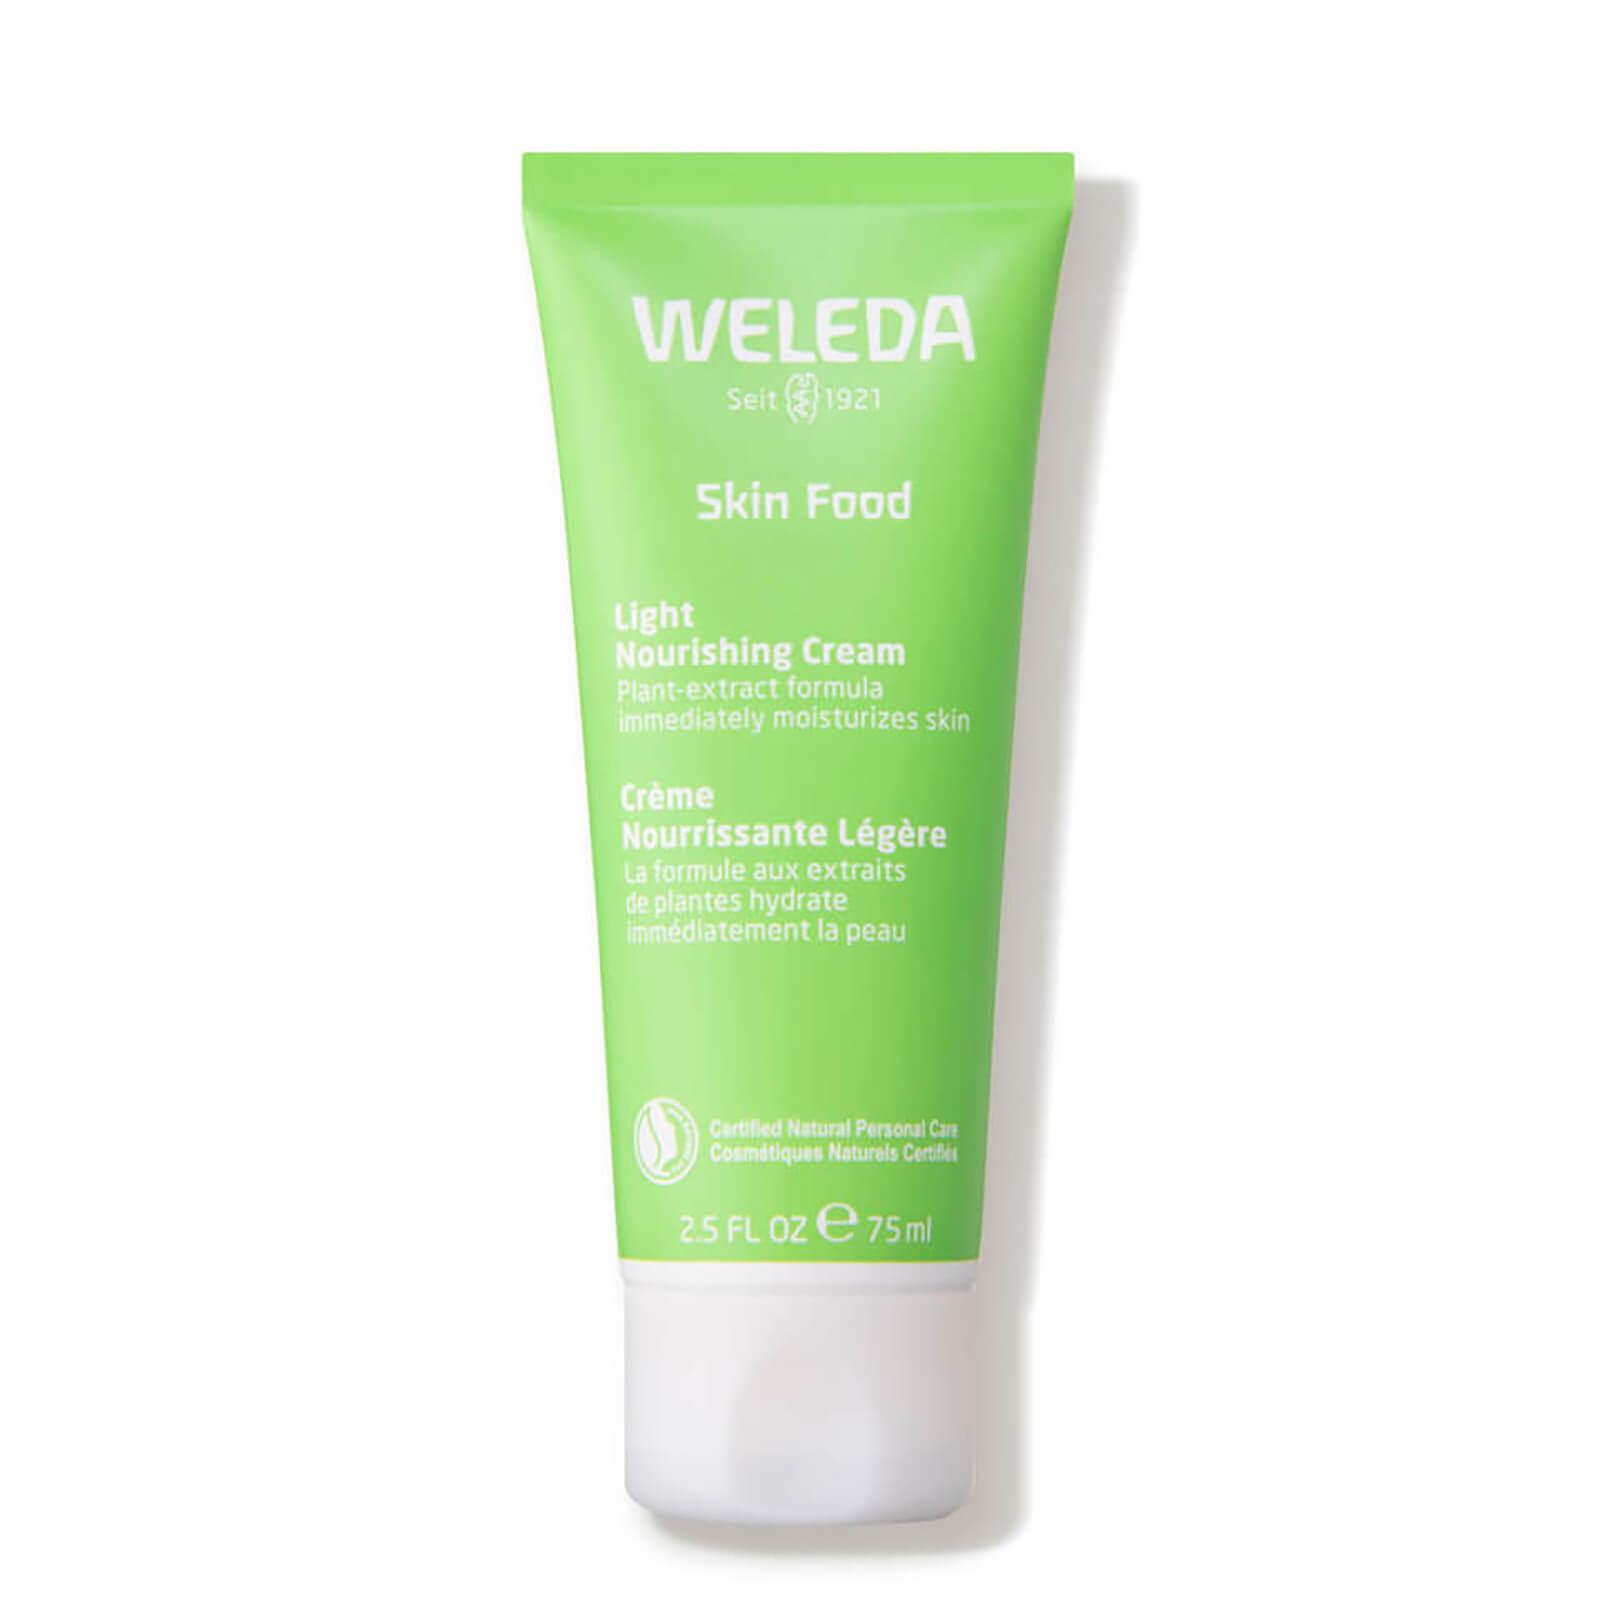 Купить Weleda Skin Food 75ml - Light